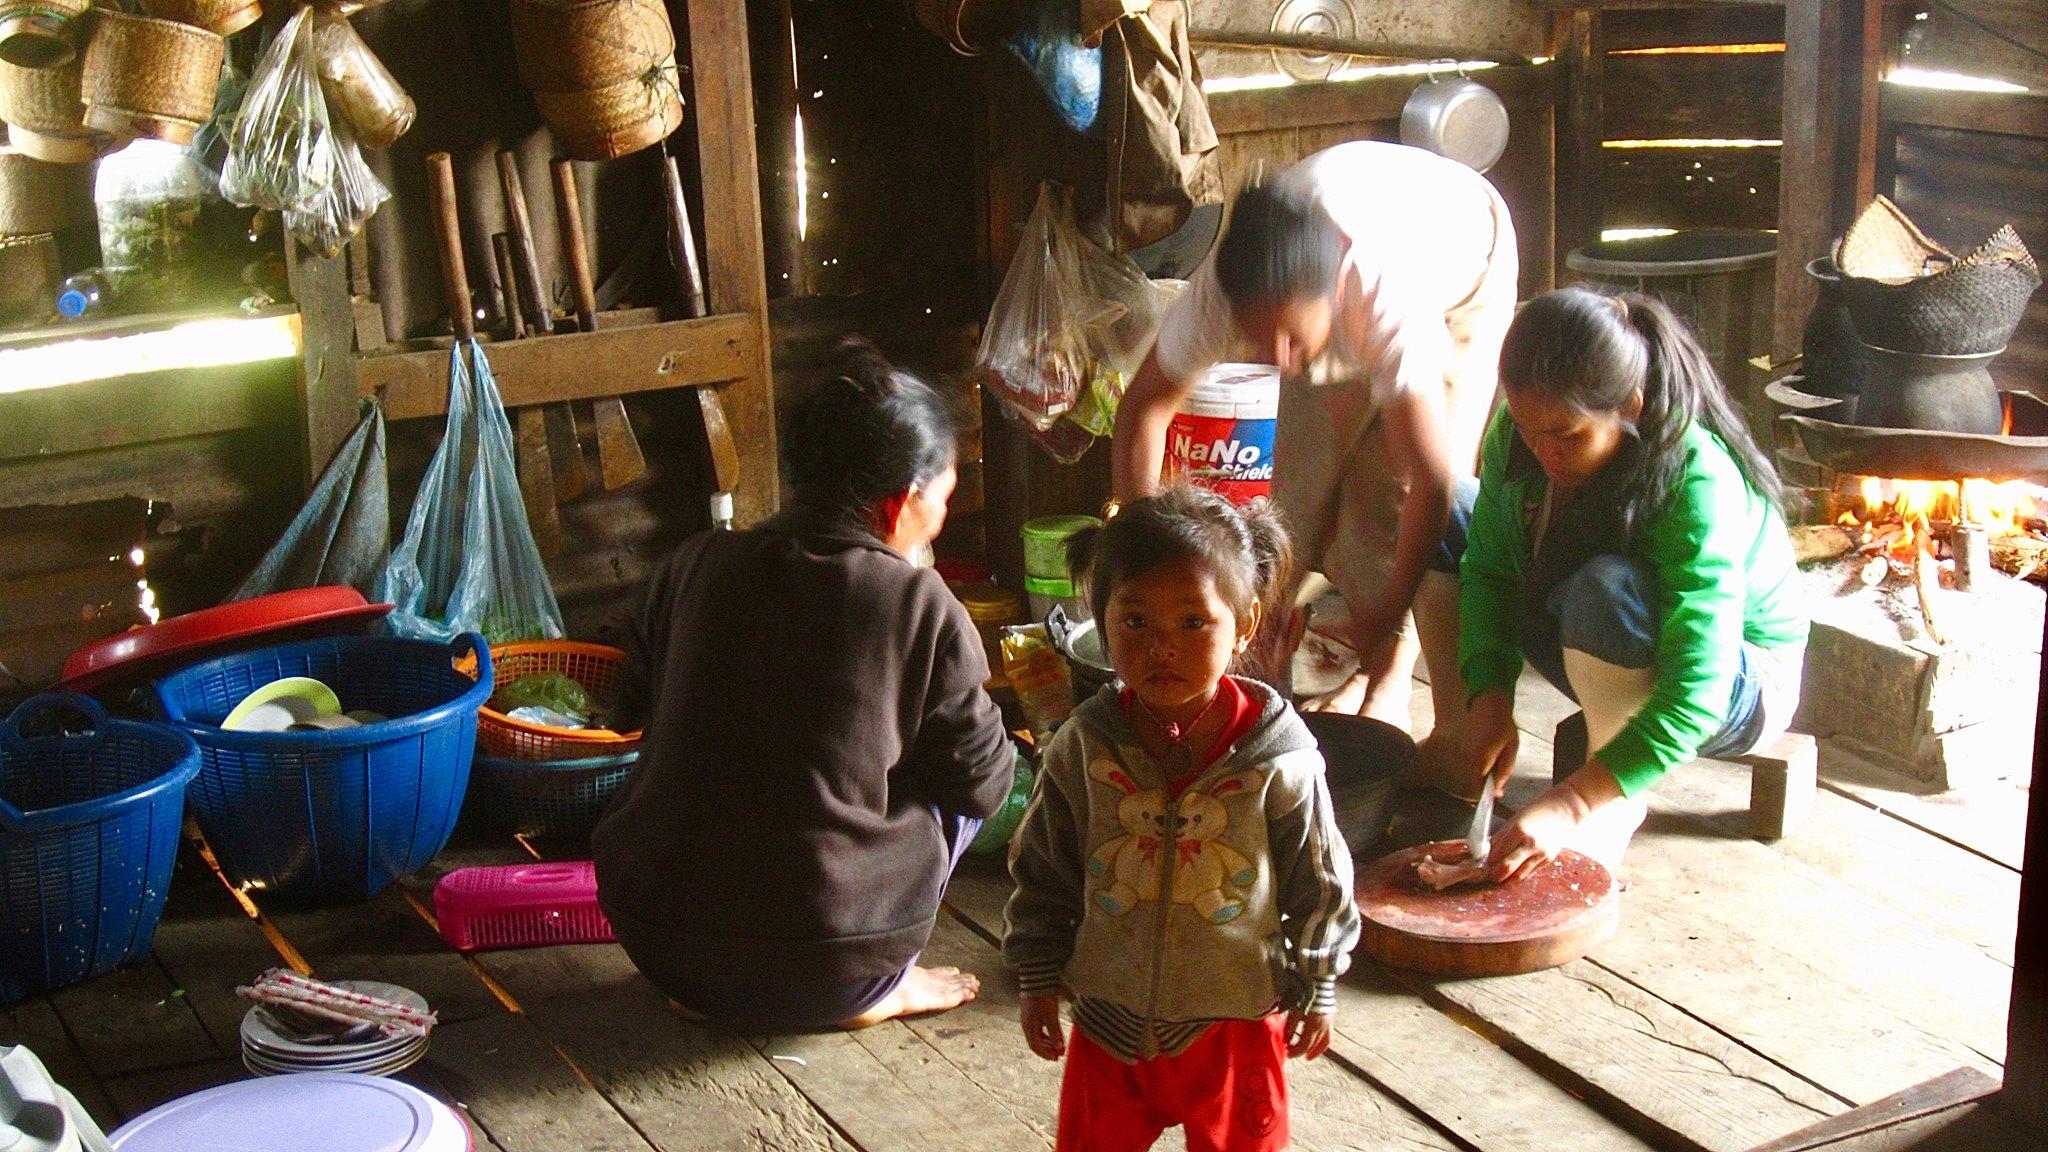 JCFC women of Nong Louang preparing lunch